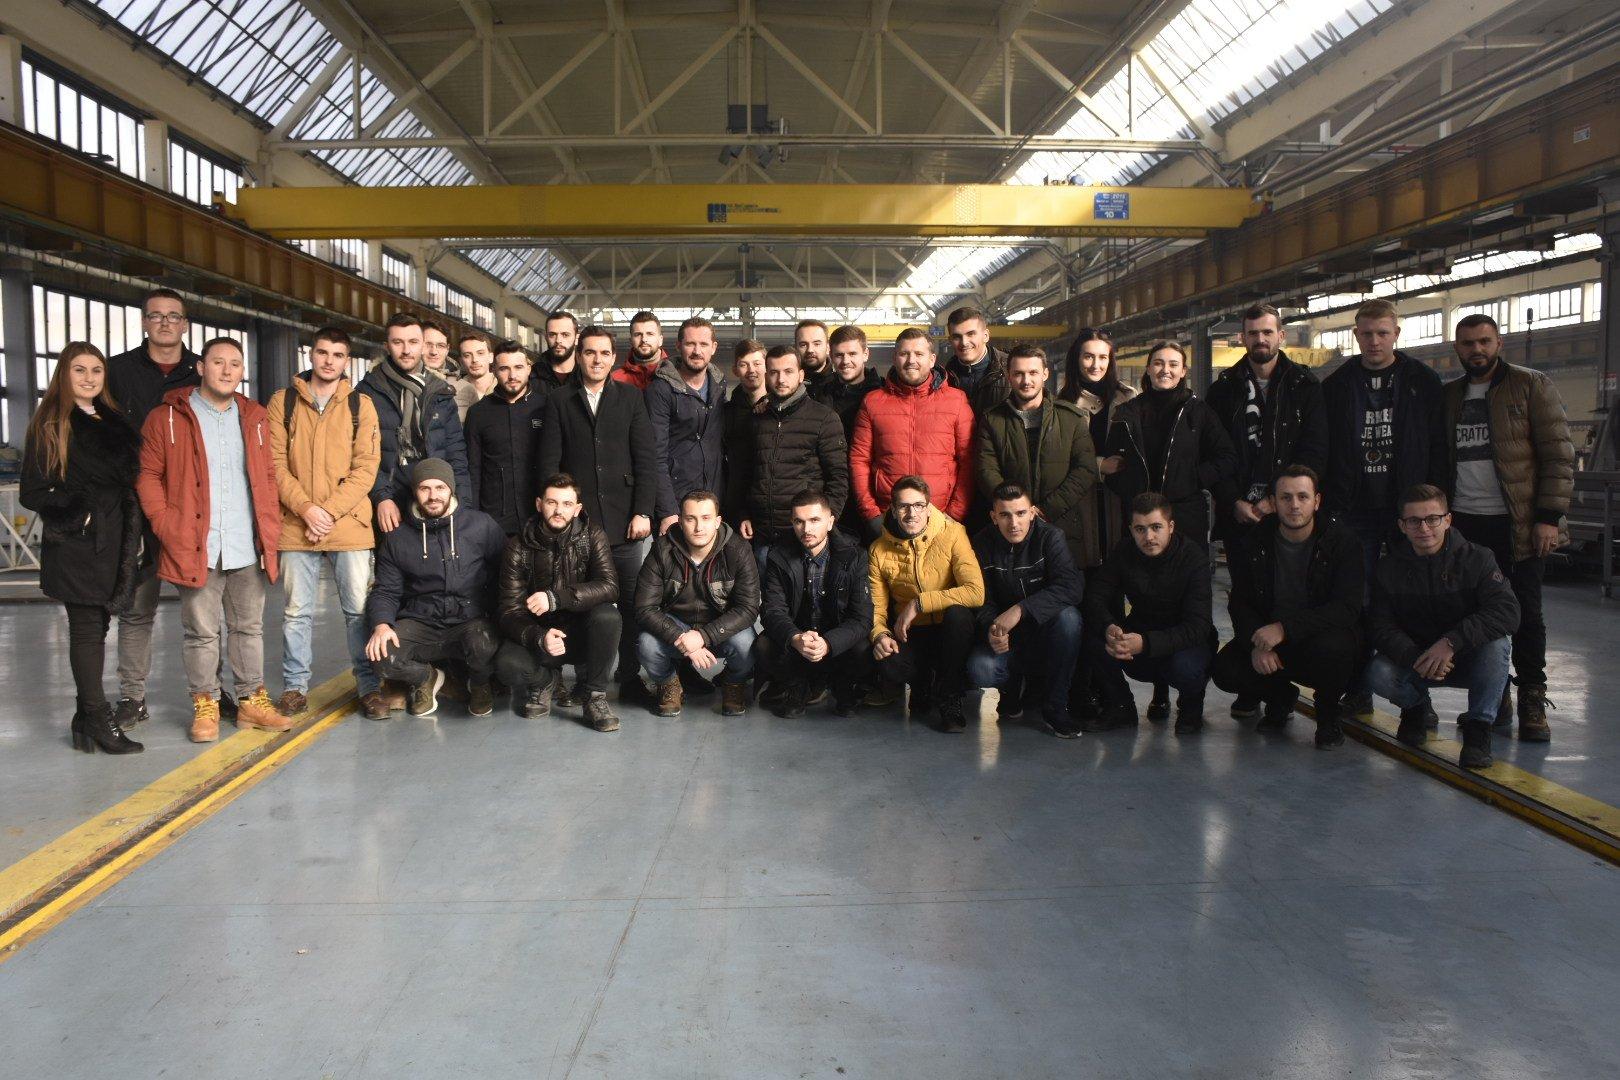 Studentët e UBT-së vizituan fabrikën më të madhe në Evropën Juglindore për prodhimin e gypave të çelikut (Foto&Video)